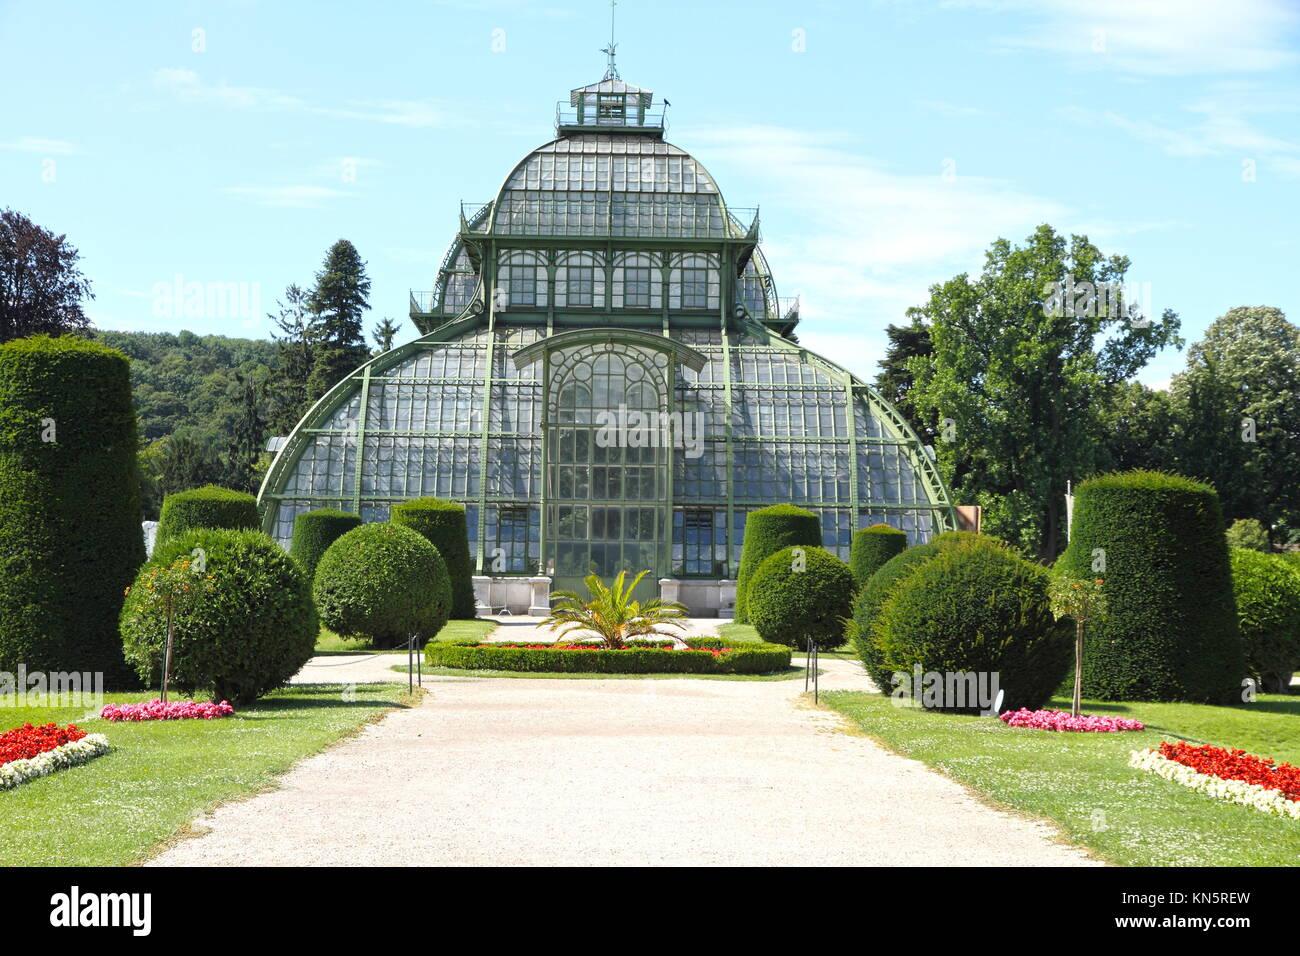 Palmenhaus Schonbrunn palace garden Vienna Austria. - Stock Image